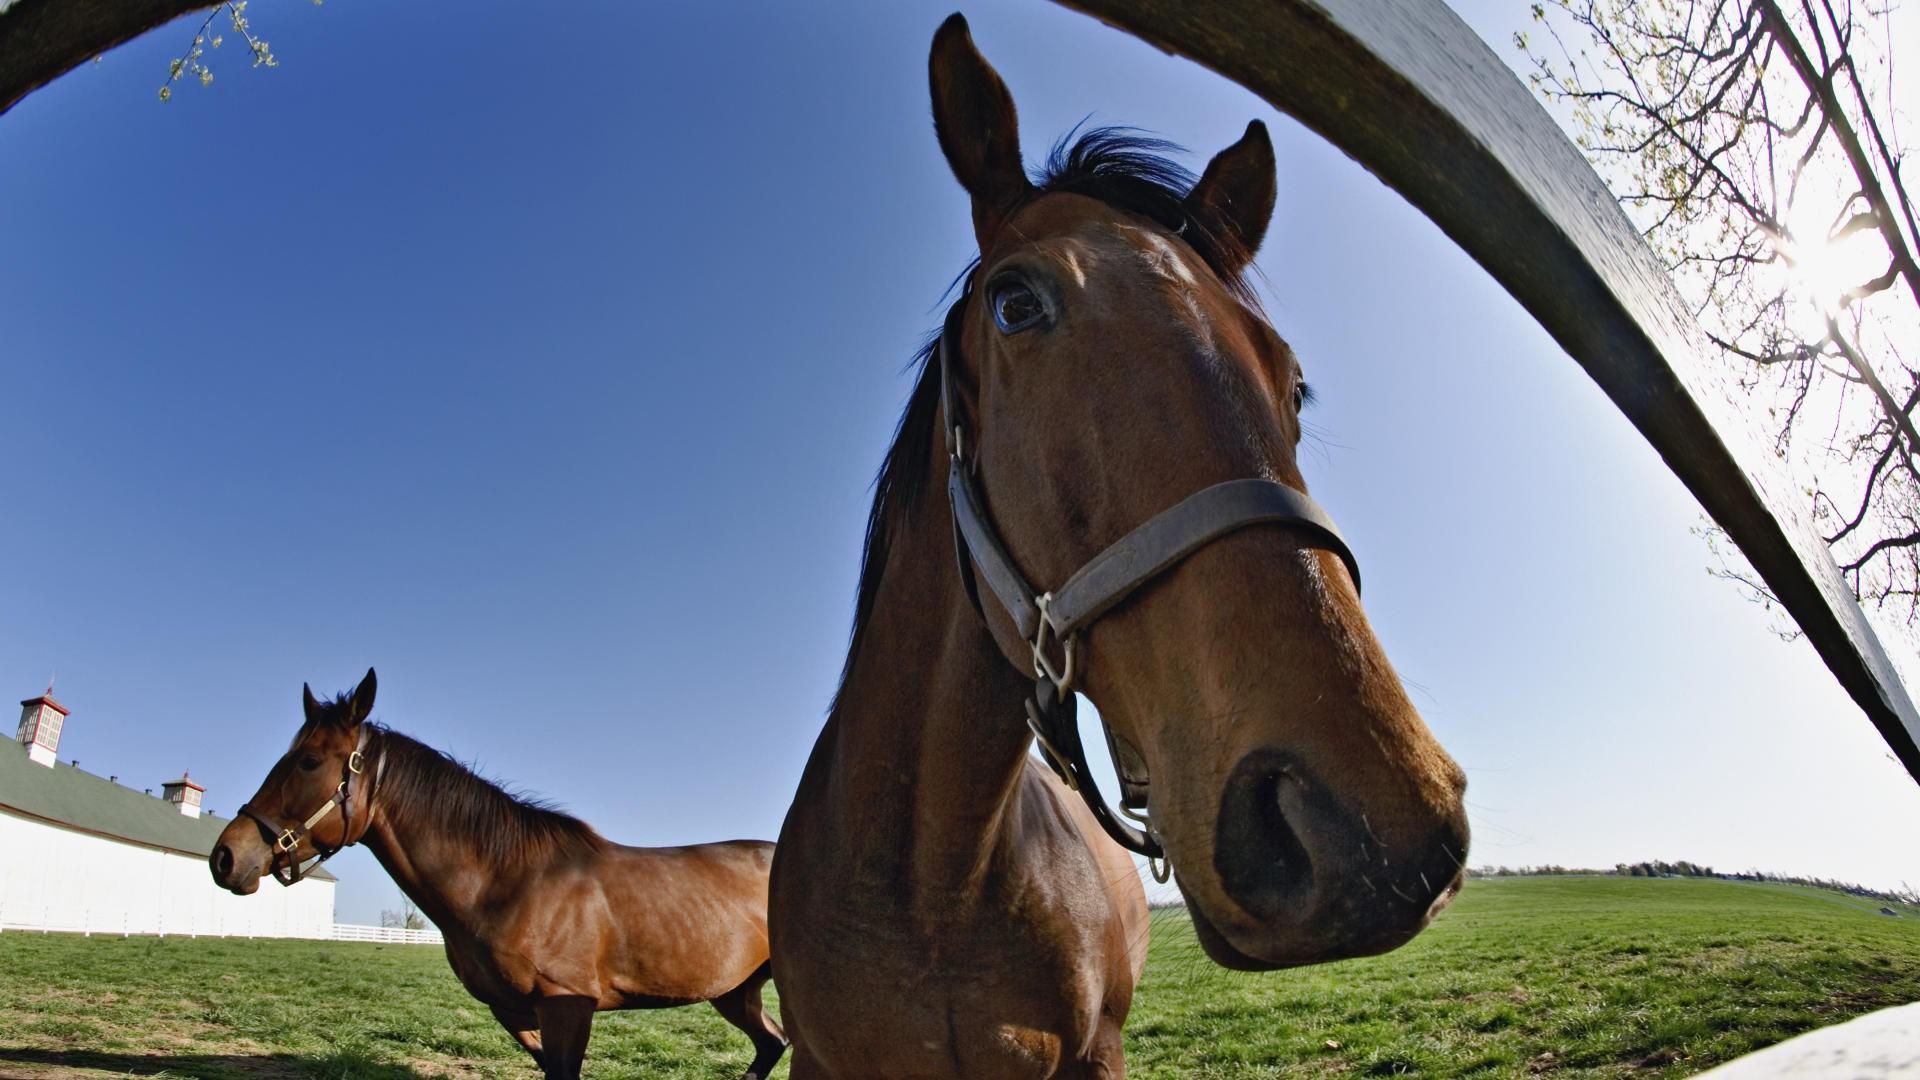 Скачать обои лошади в загоне 1920x1080